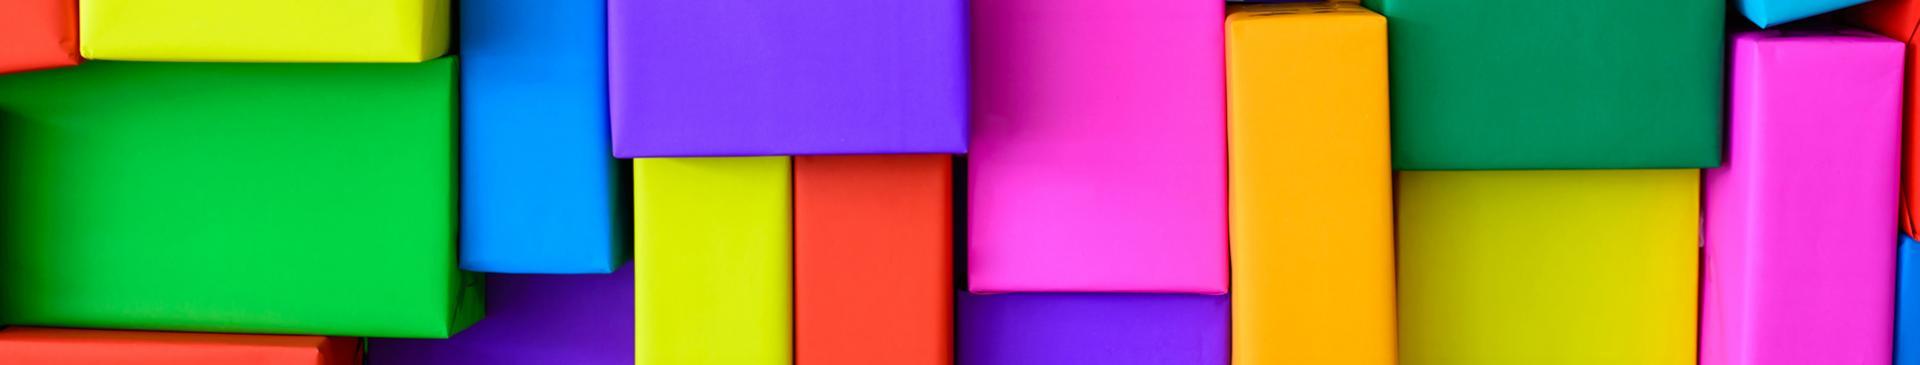 Drukklare bestanden voor verpakkingen in flexo, offset en diepdruk